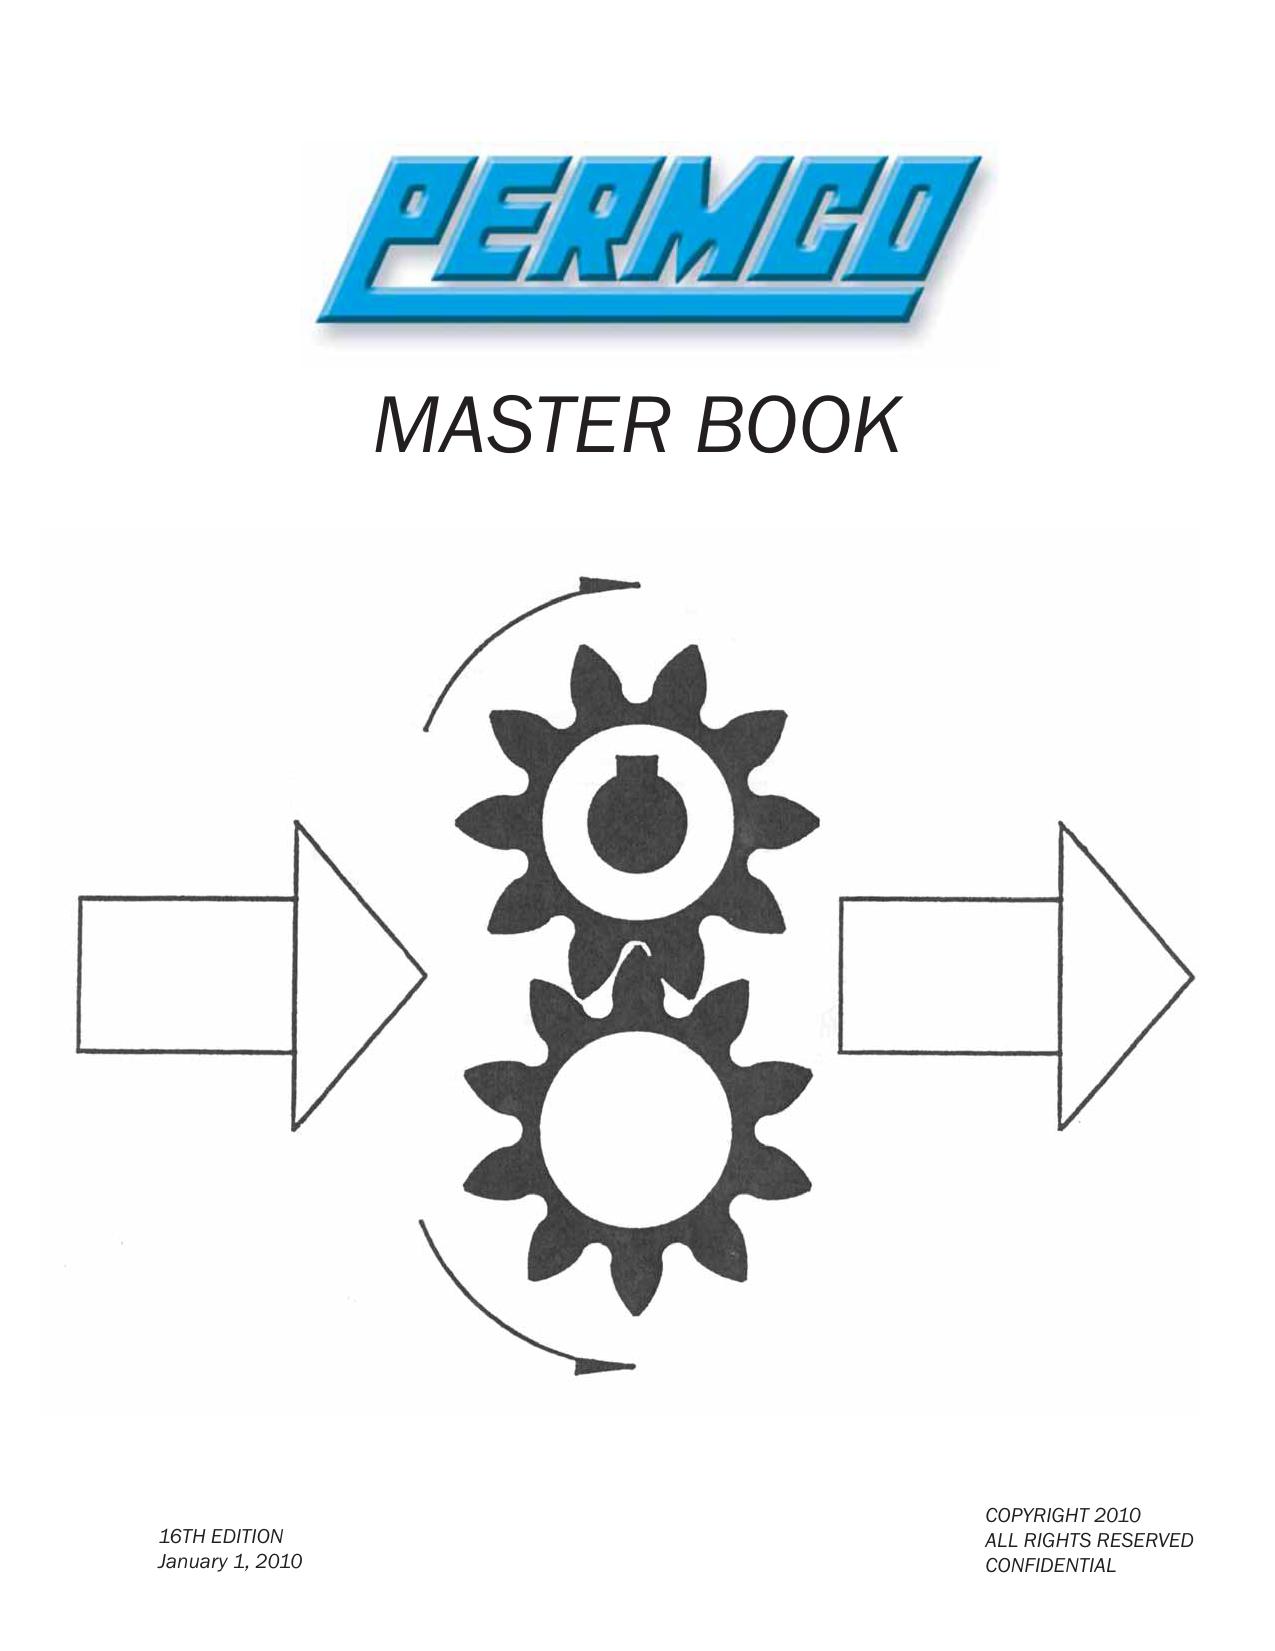 Master Catalog 2010 16th Edition   manualzz com